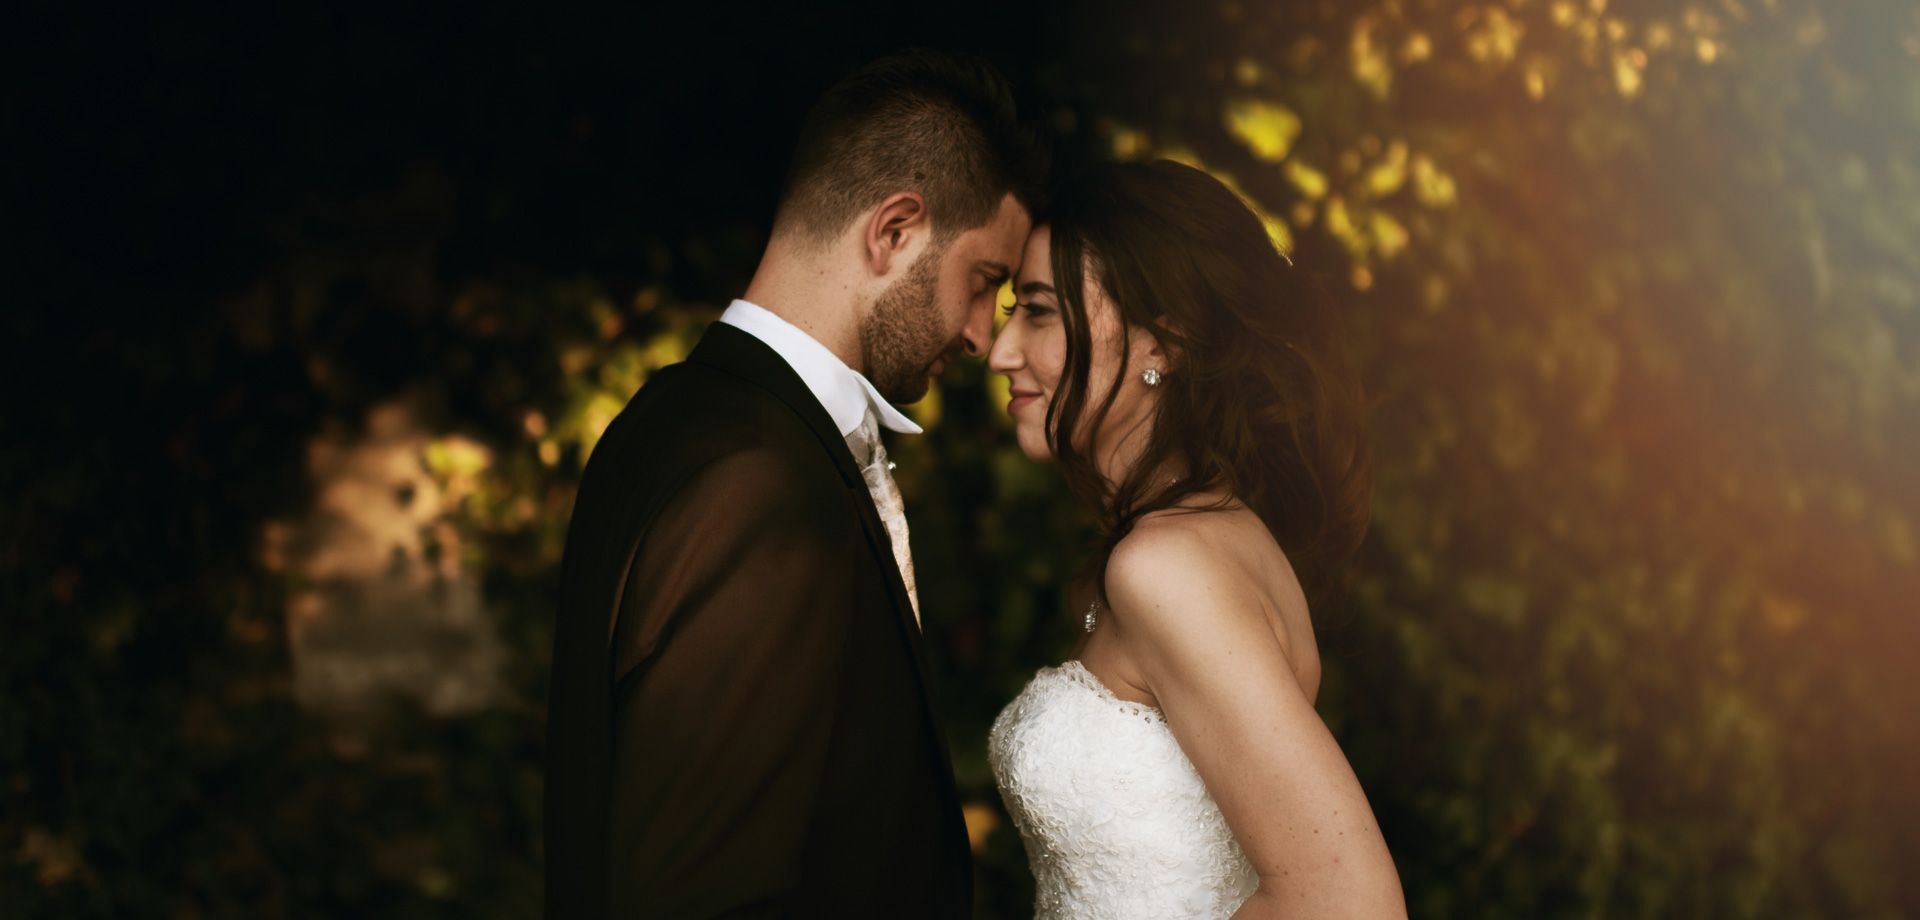 arena vito cosimo fotografia per matrimoni